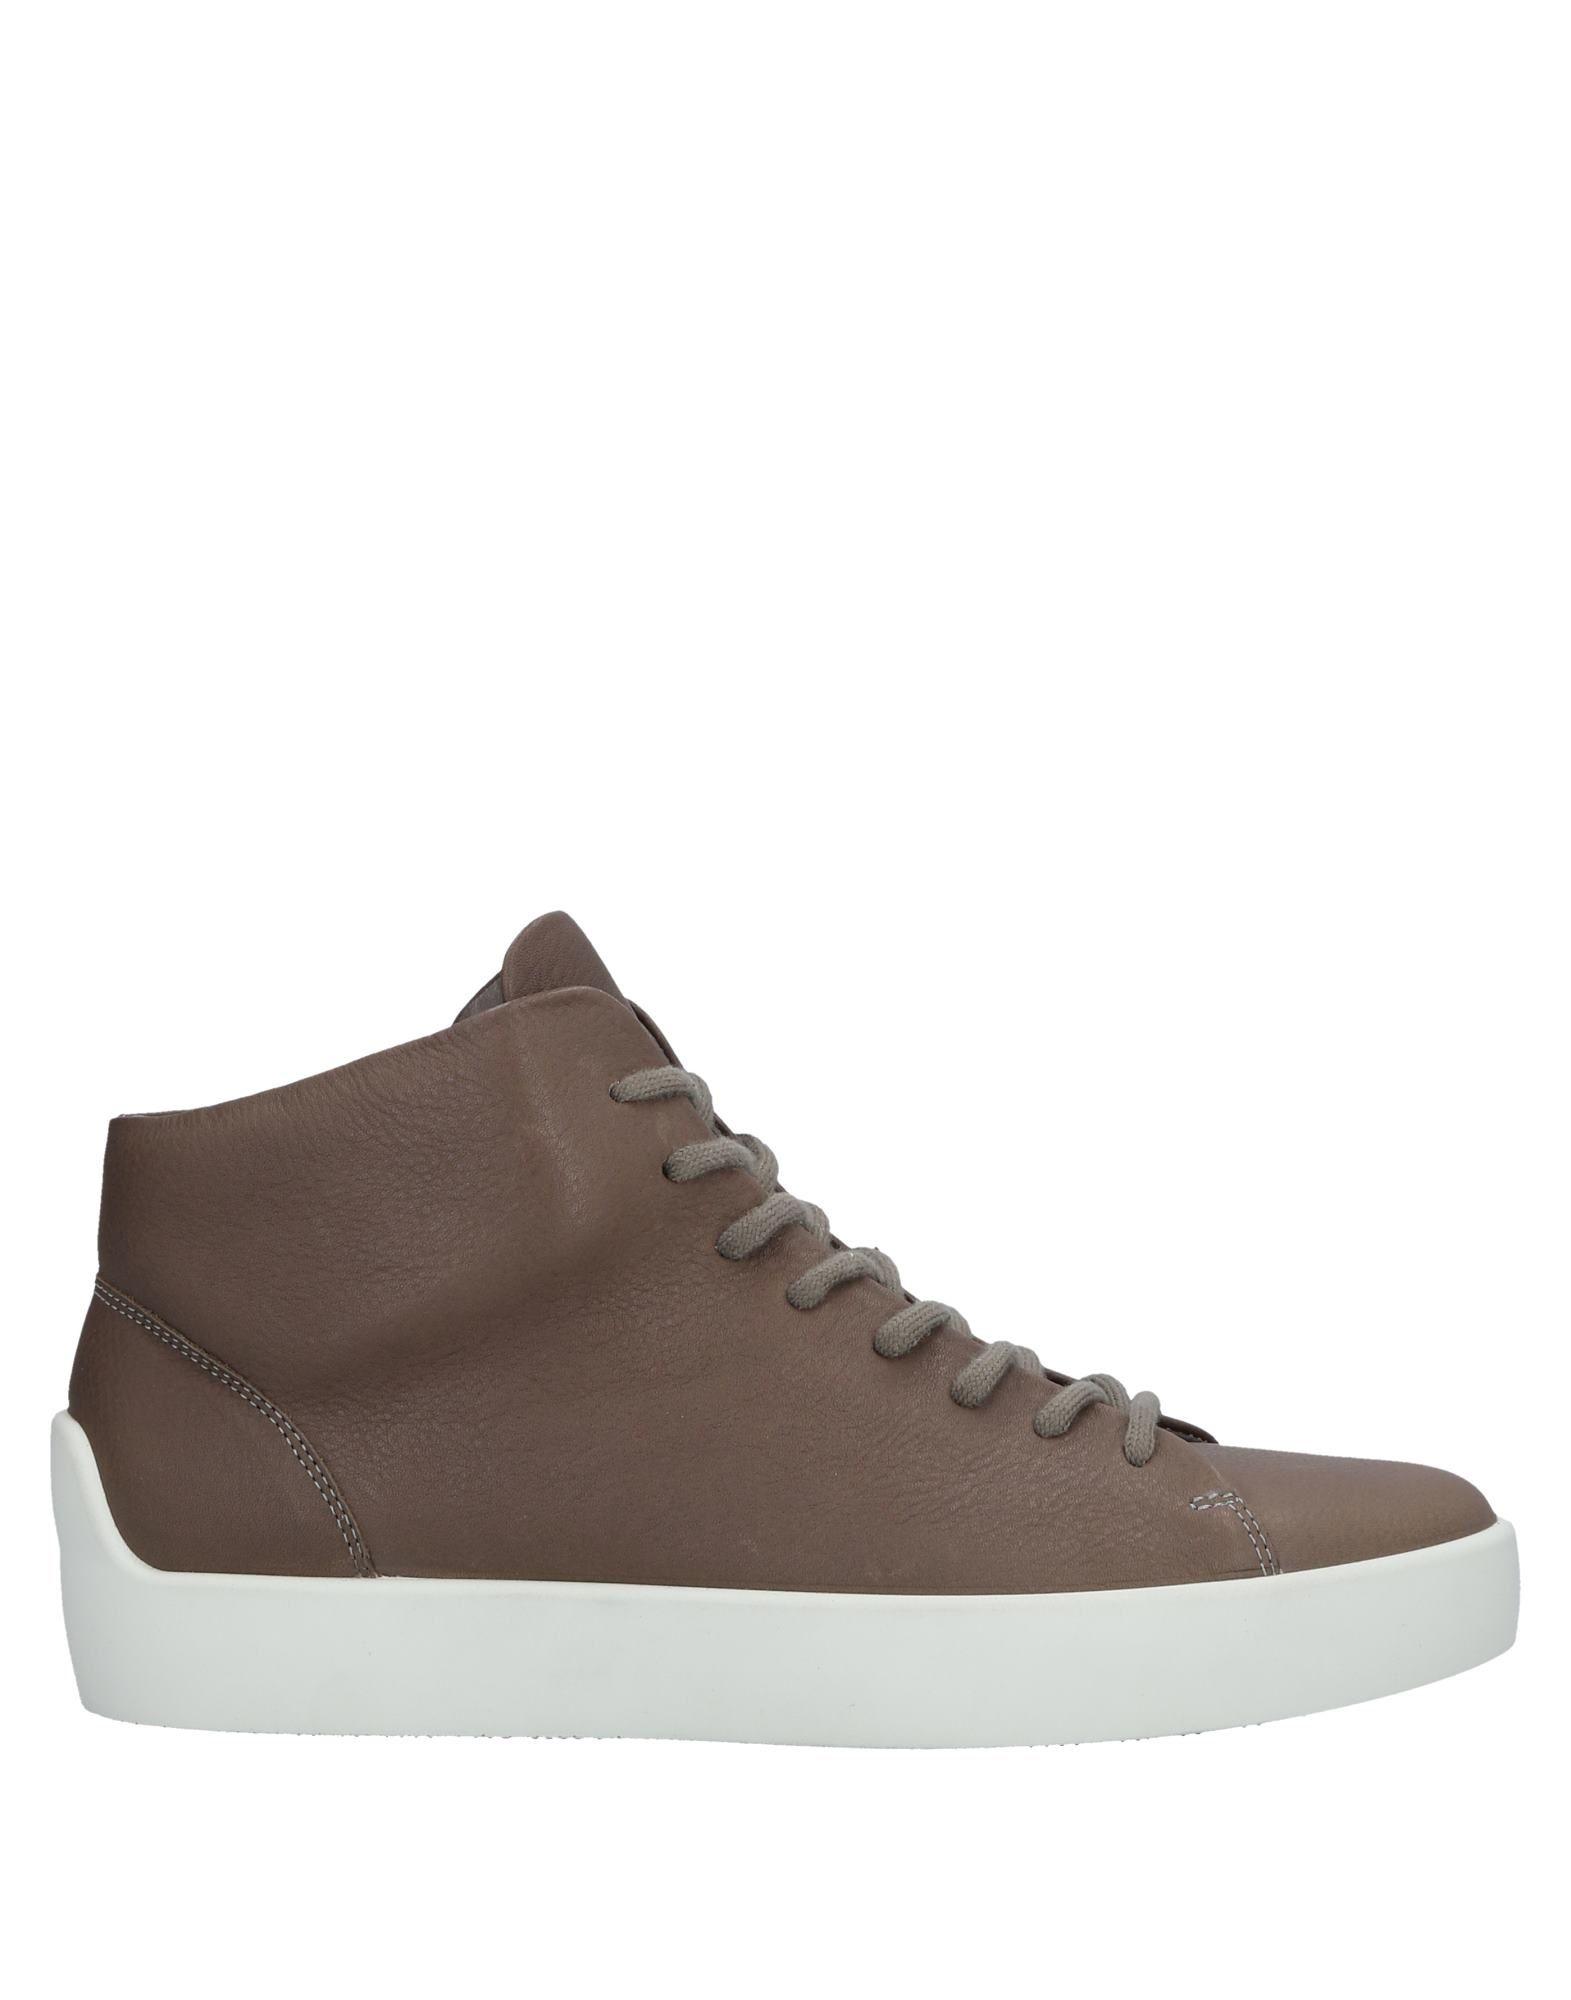 Ecco X The Last Conspiracy Sneakers Herren  11535799VN Gute Qualität beliebte Schuhe